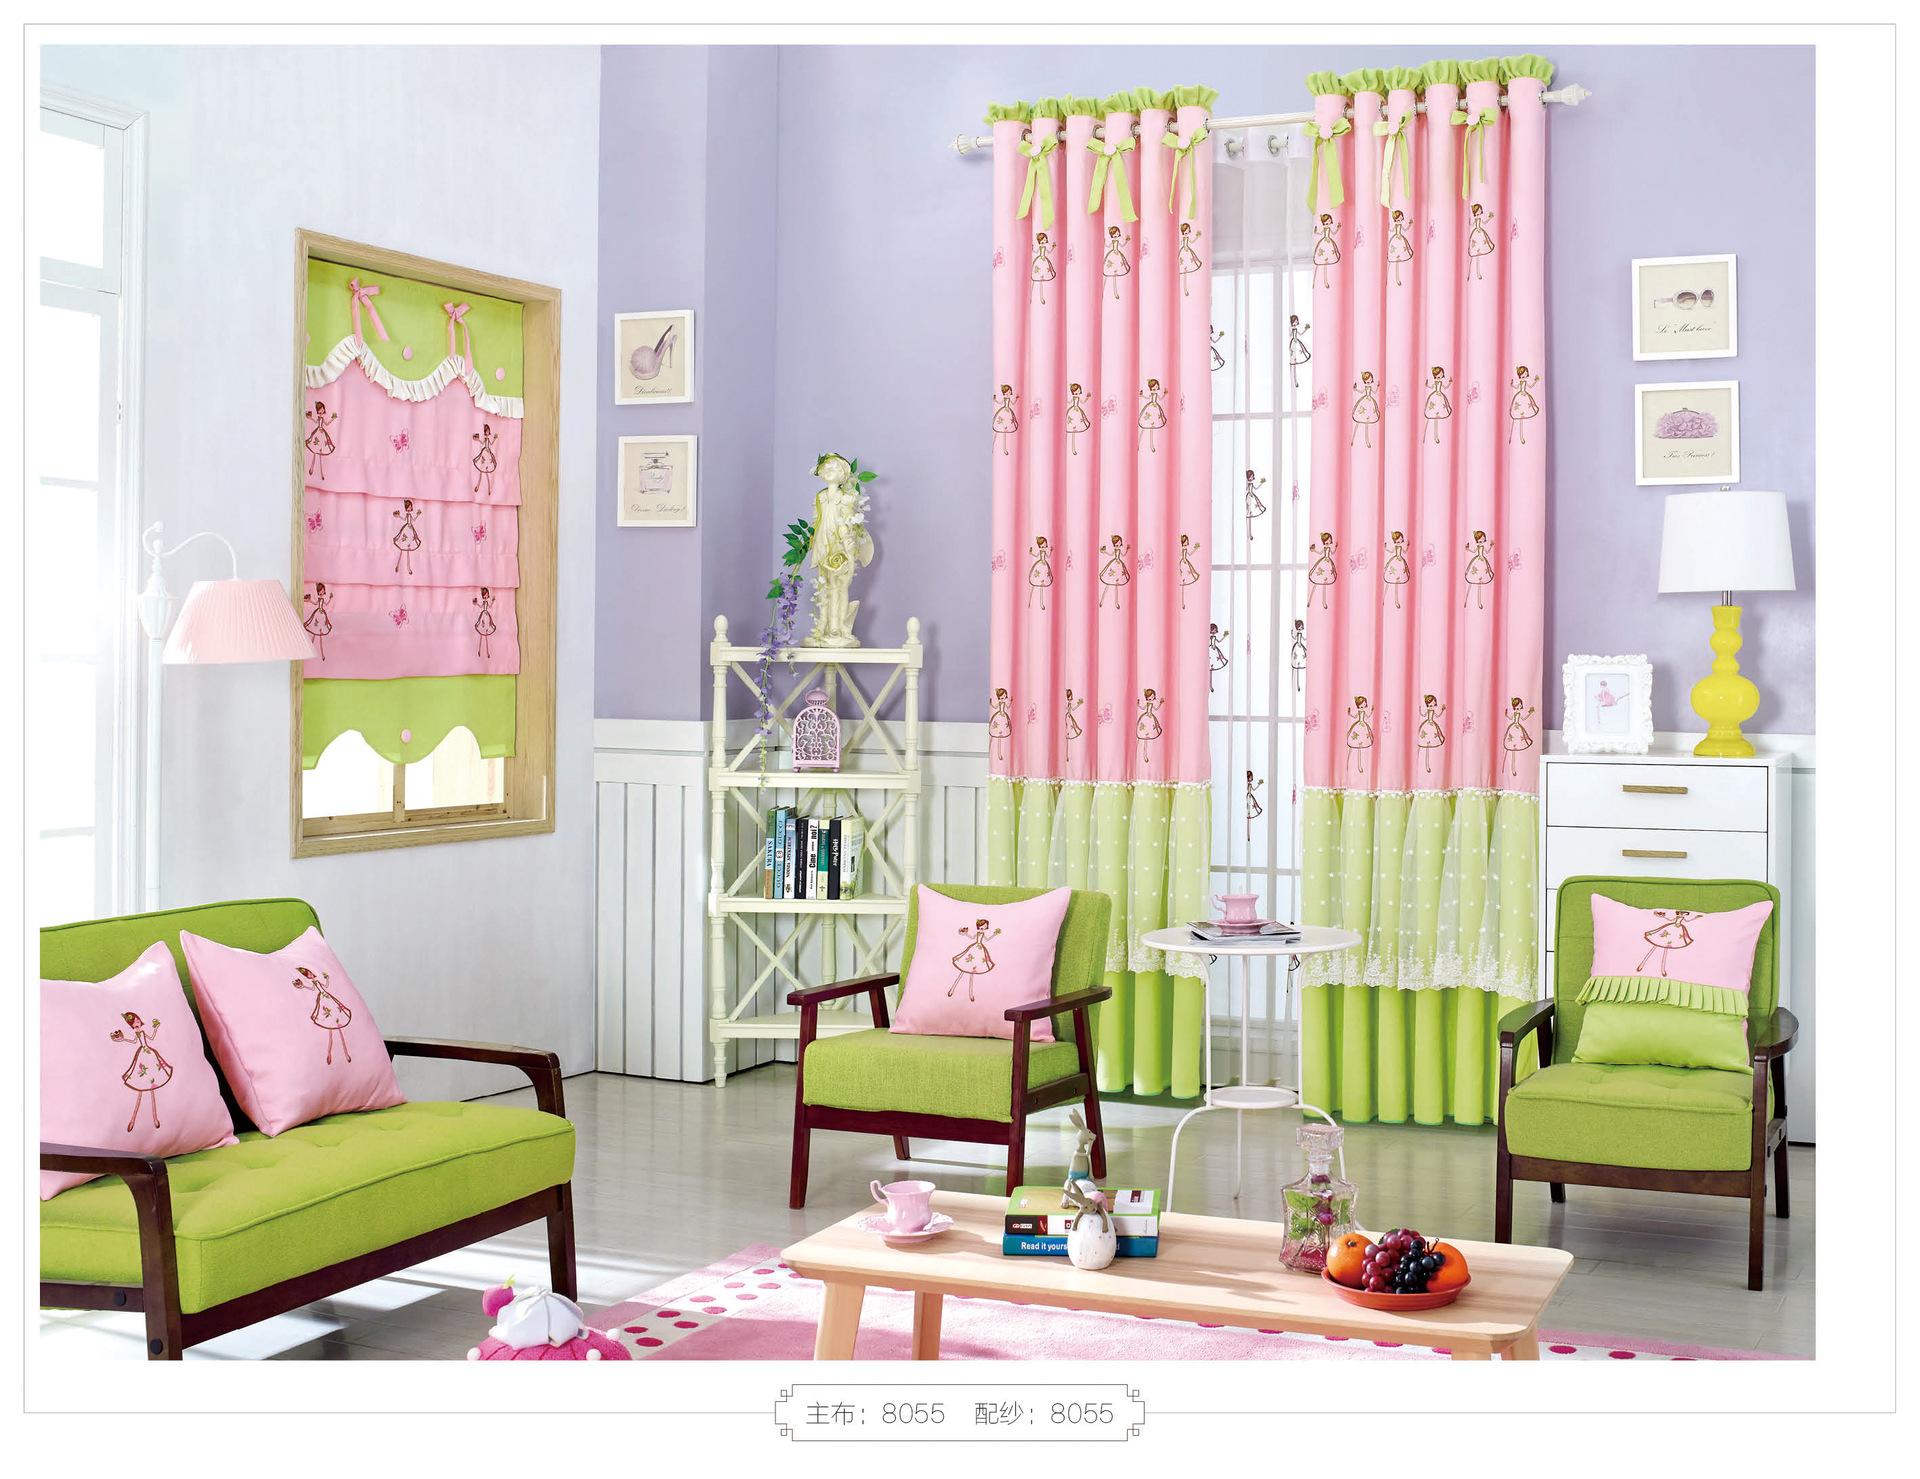 Vải rèm thành phẩm Nhung niêm yết hoạt hình trẻ em ngủ màn vải thêu thành hiện trường bán buôn